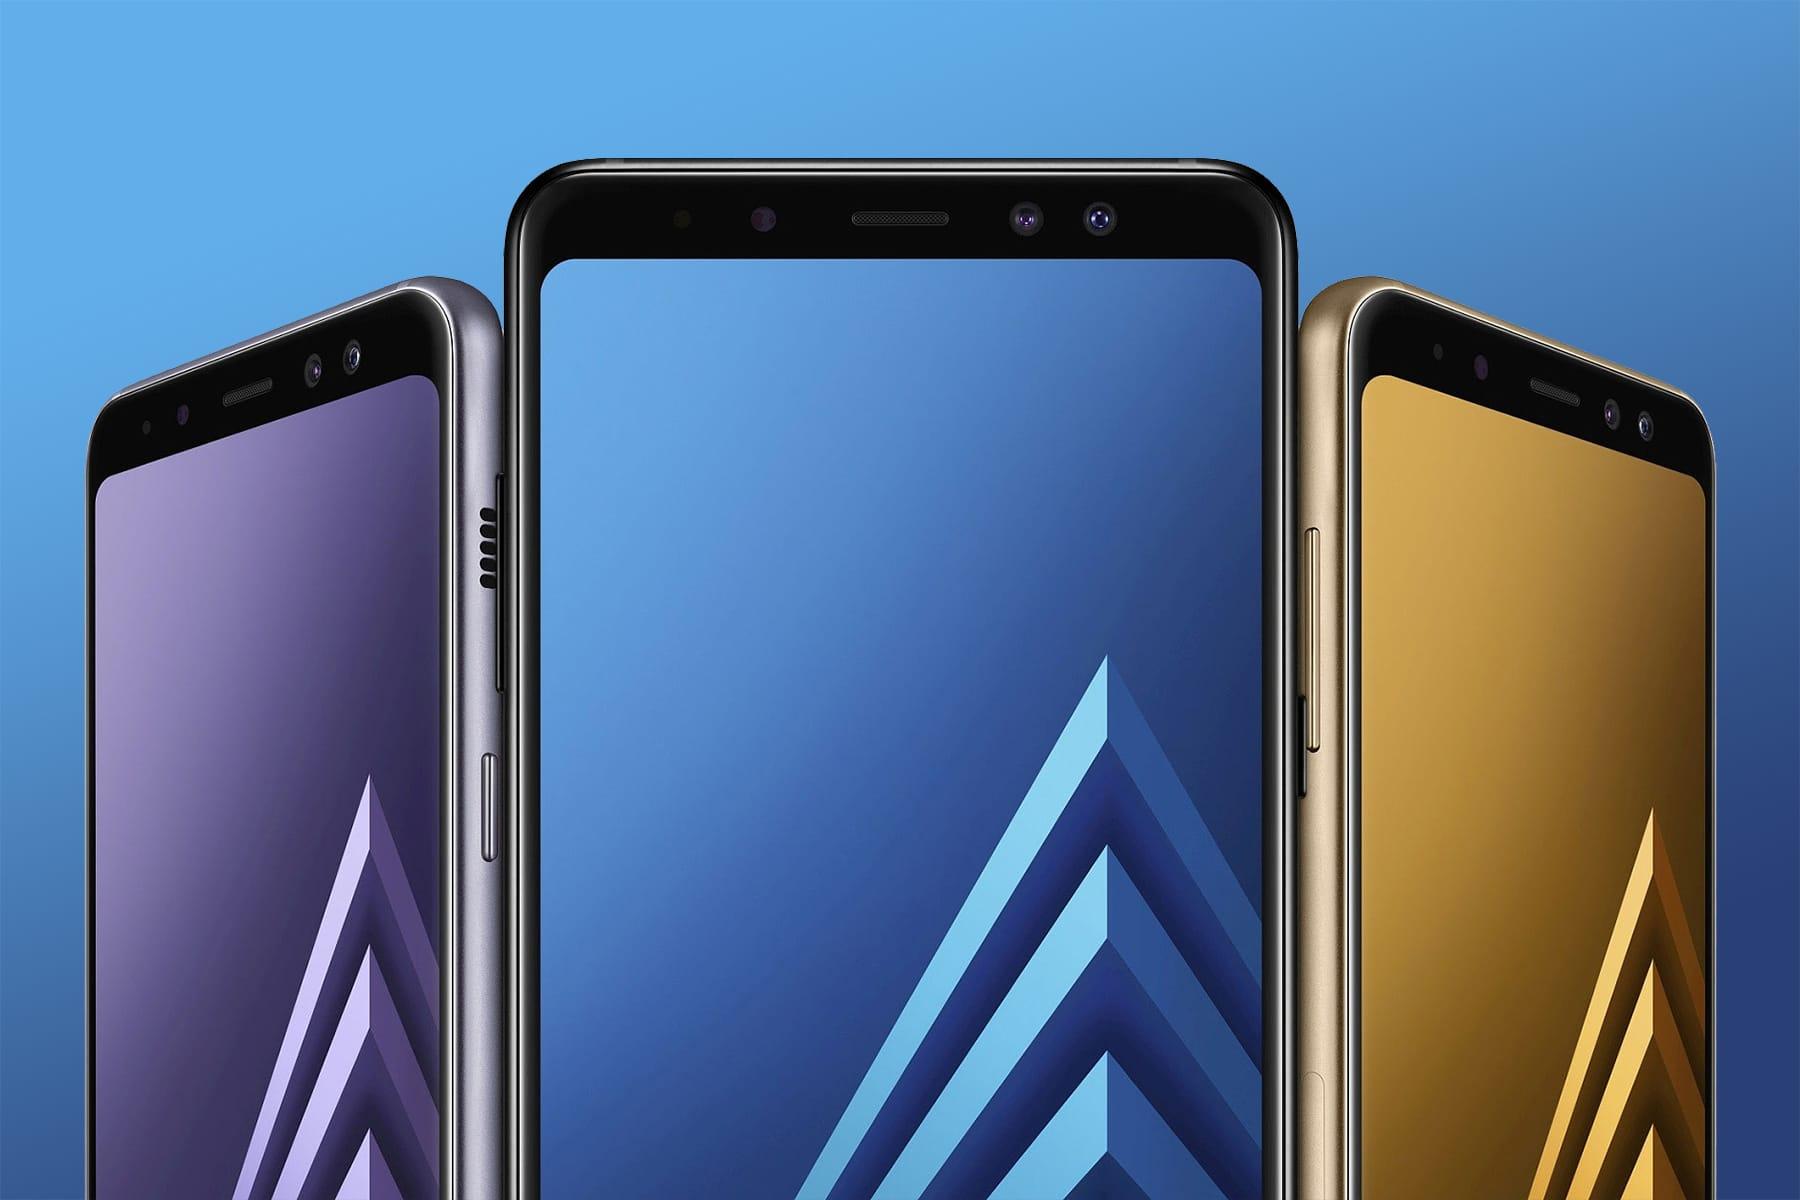 Самсунг Galaxy S8+ резко упал вцене в Российской Федерации